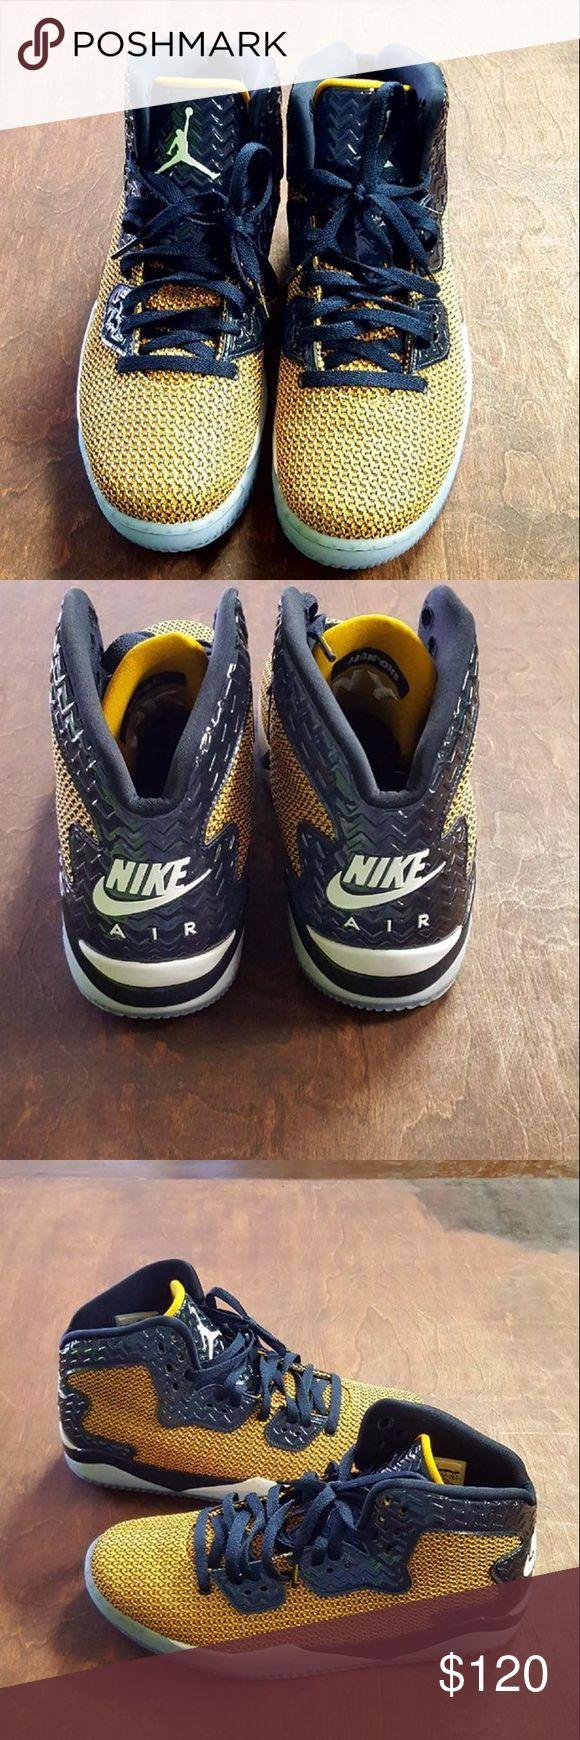 10.5 Jordan's spike lee edition 10.5 Jordan's spike lee edition Jordan Shoes Sneakers